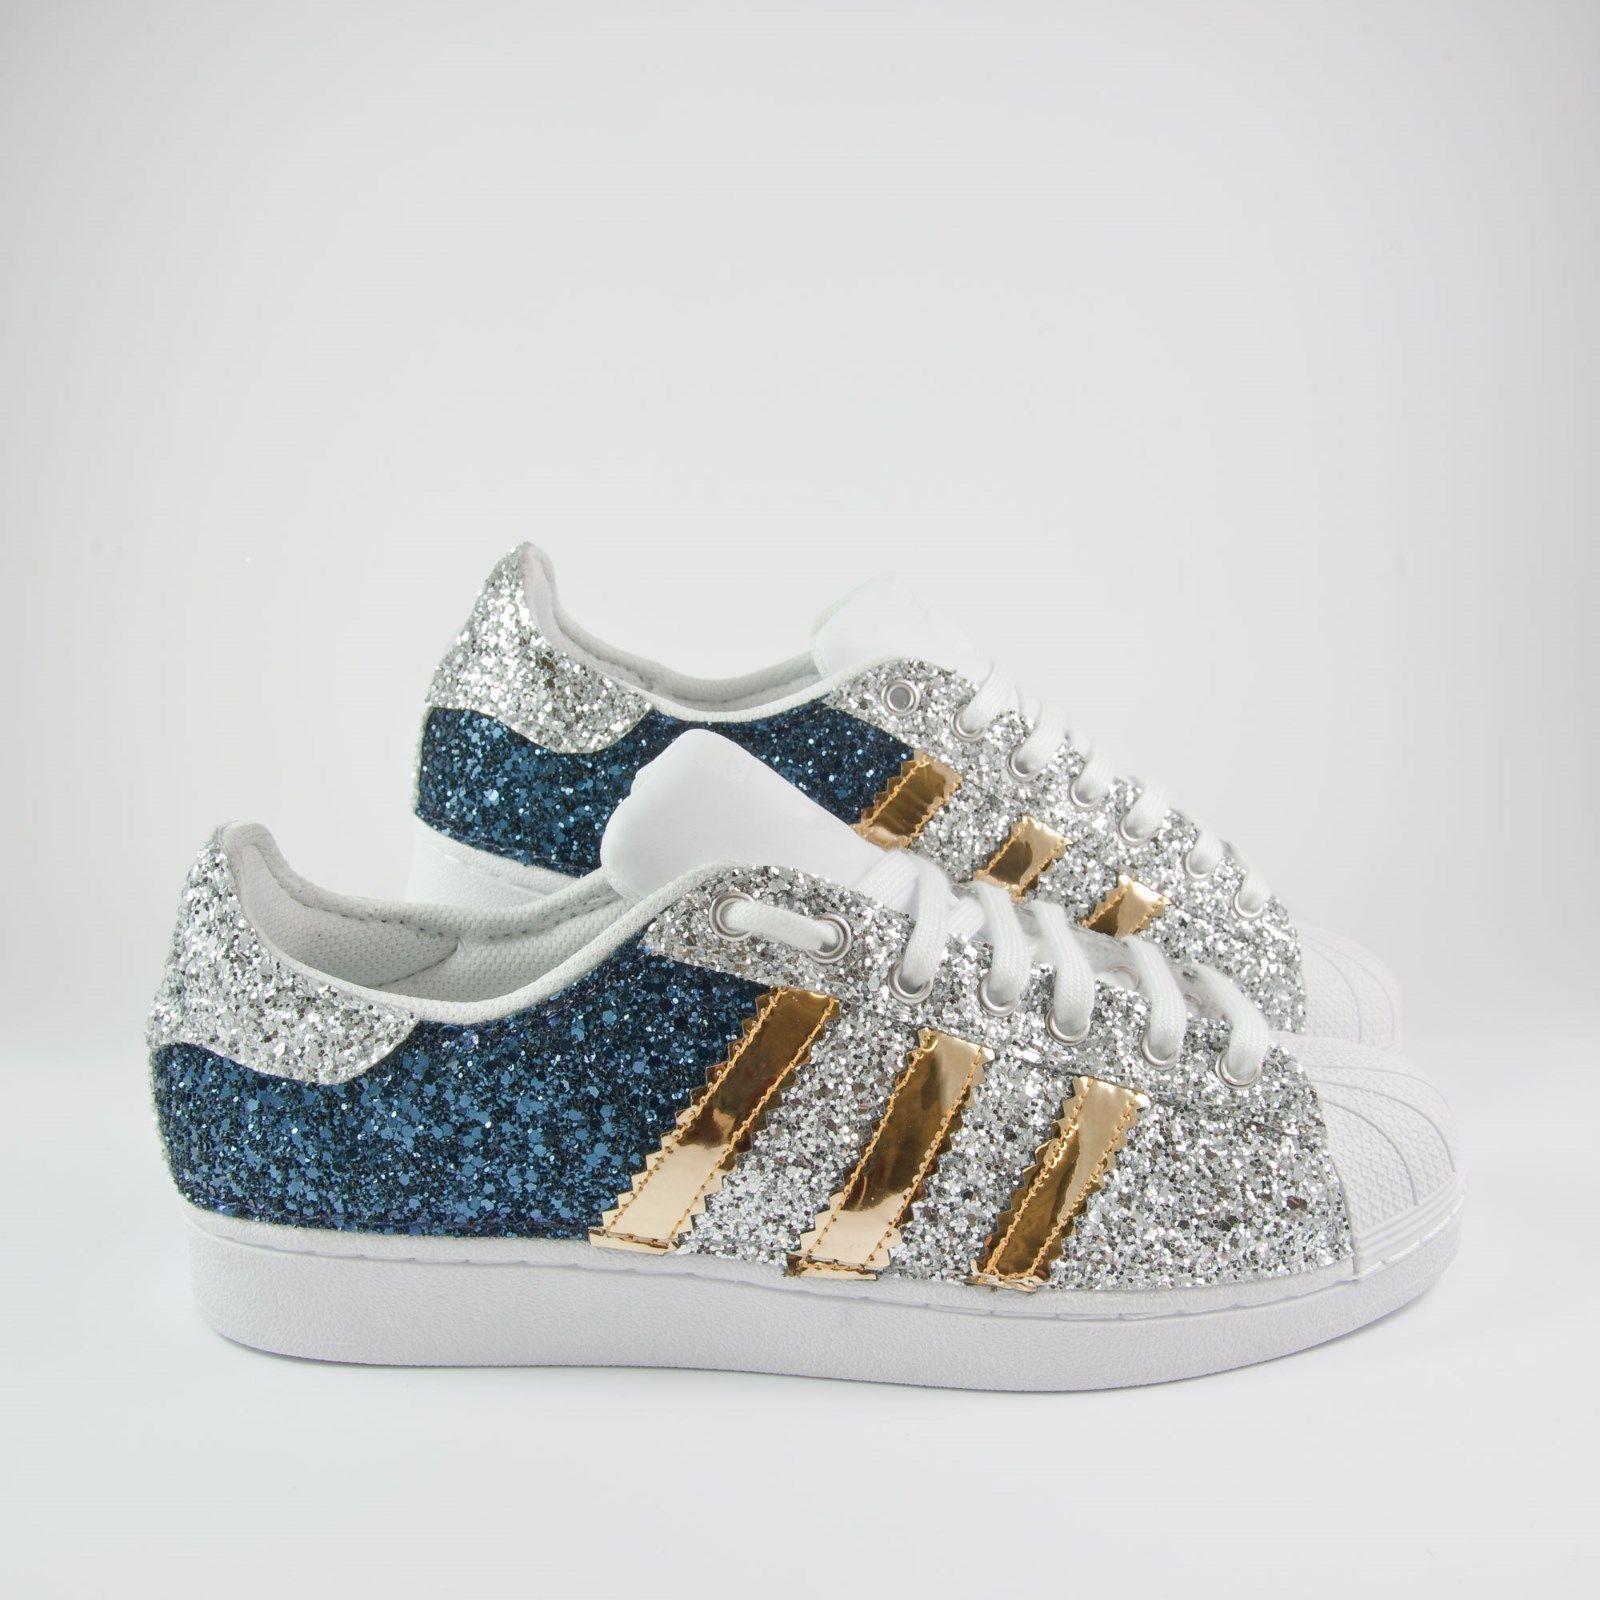 scarpe donna adidas con brillantini